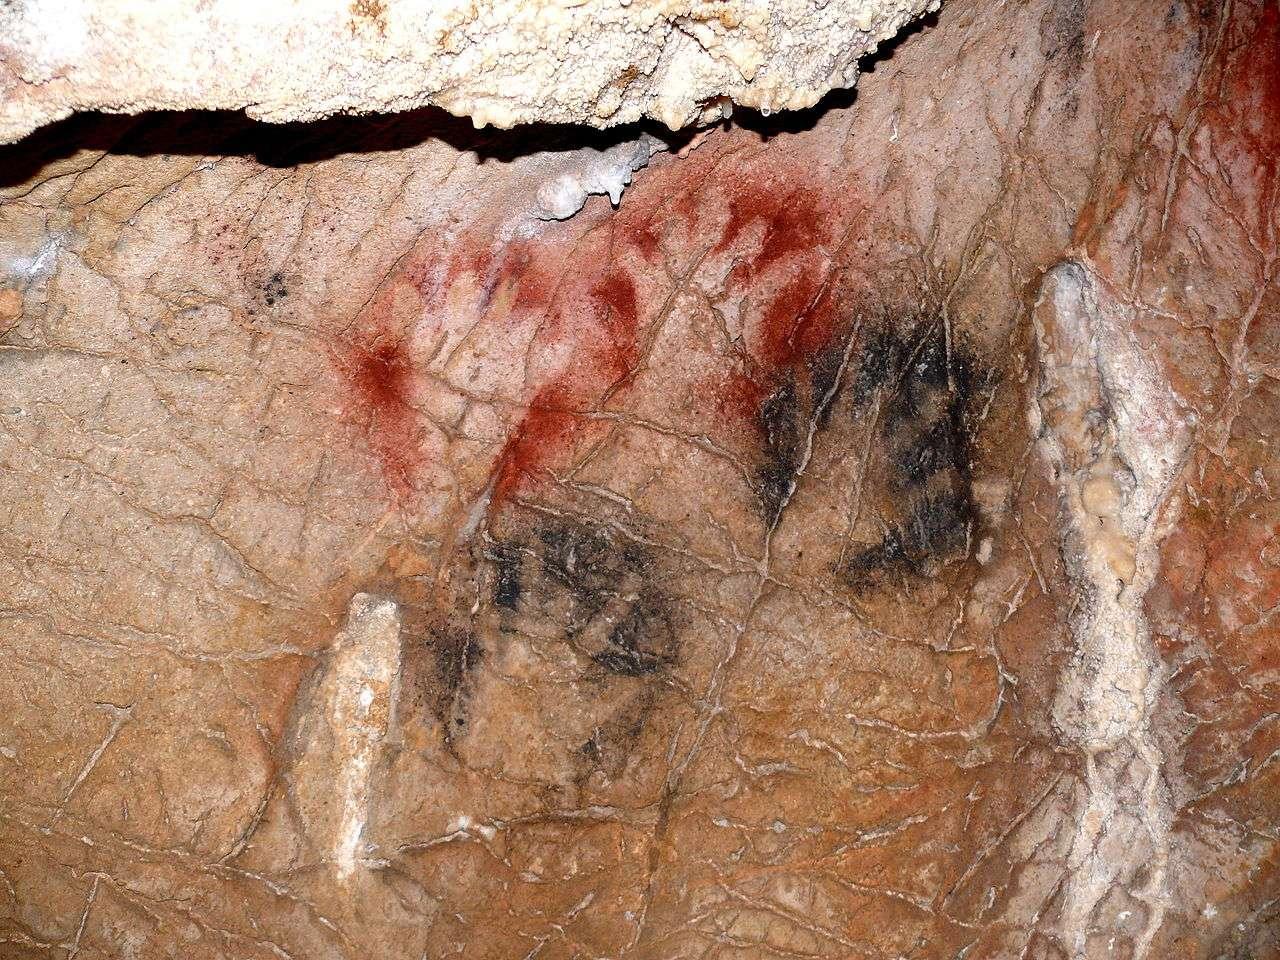 Des empreintes de mains incomplètes dans la grotte de Gargas, en France. Sur les 231 images de mains dénombrées sur ce site, près de la moitié ont au moins une phalange manquante. © Yoan Rumeau, Wikimedia Commons, CC By-SA 4.0